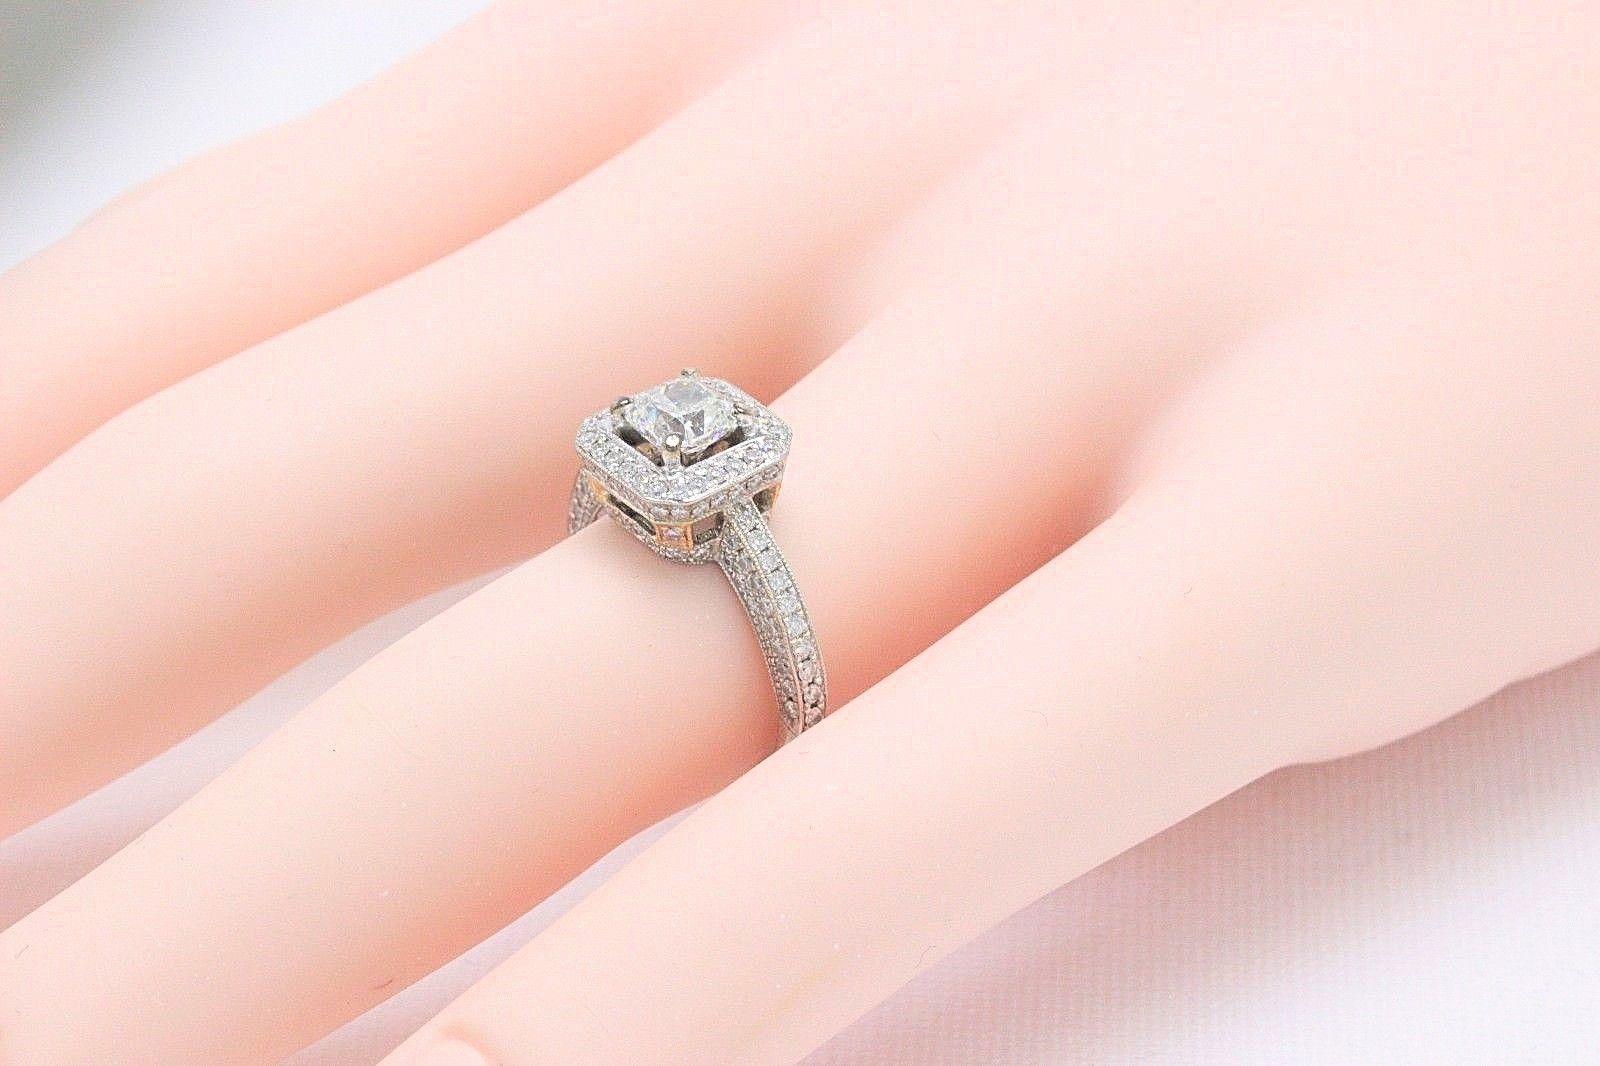 Simon G. Cushion Diamond Pave Ring 1.45 CTS in 18 Karat White Gold ...